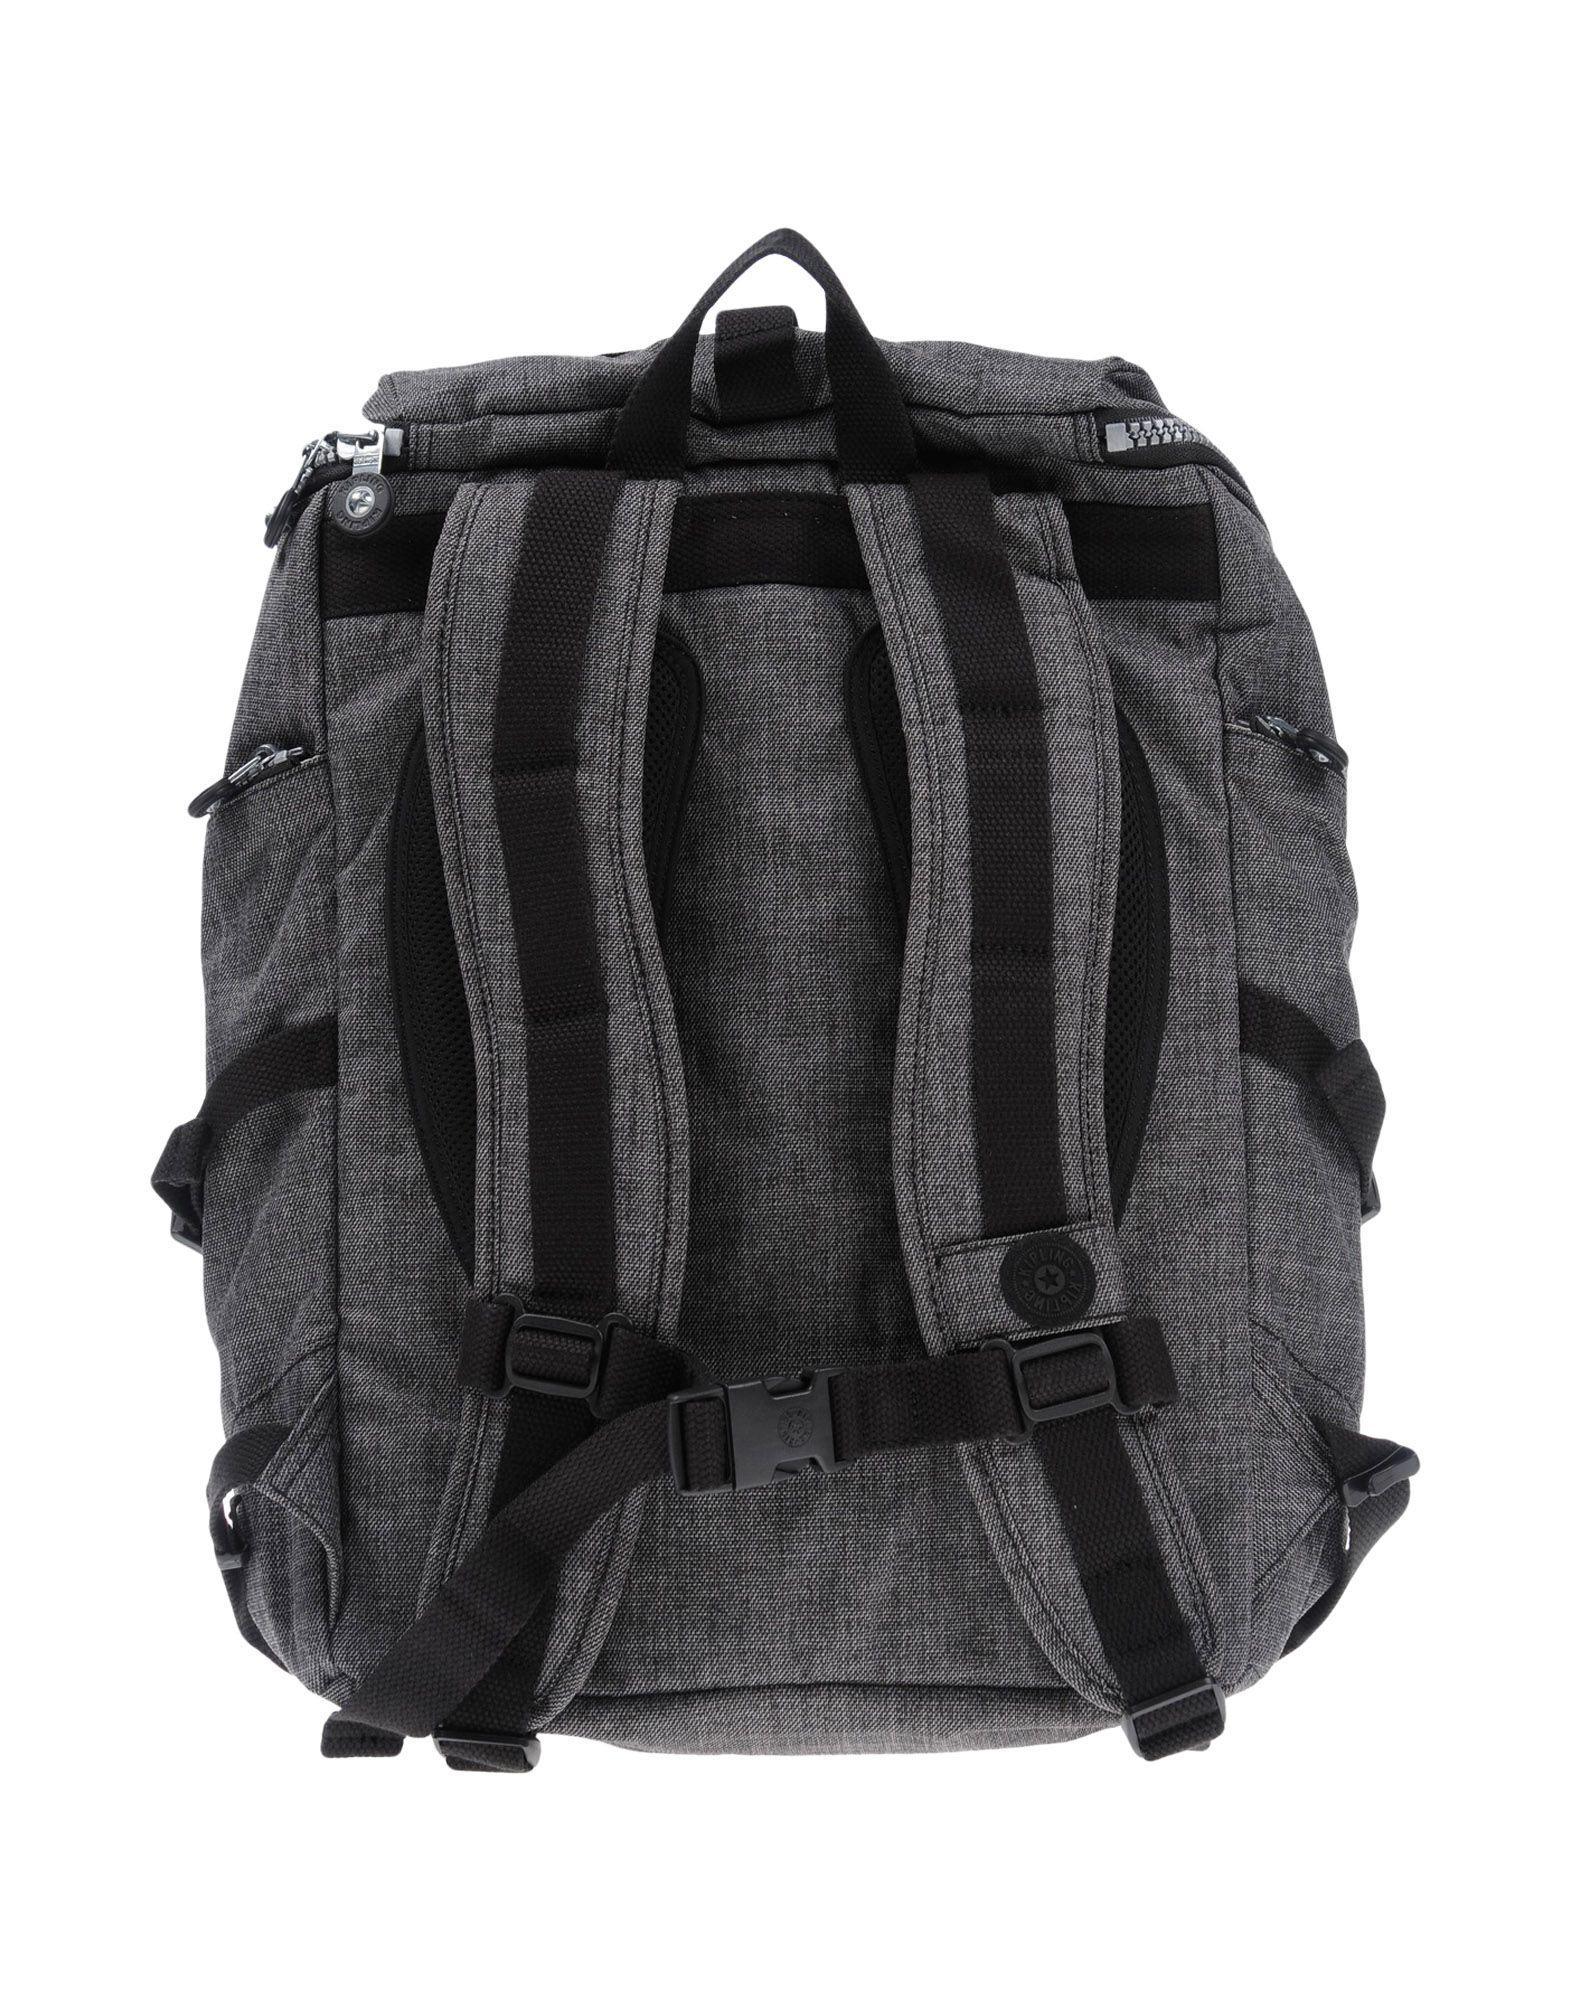 Kipling Synthetic Backpacks & Bum Bags in Lead (Grey) for Men